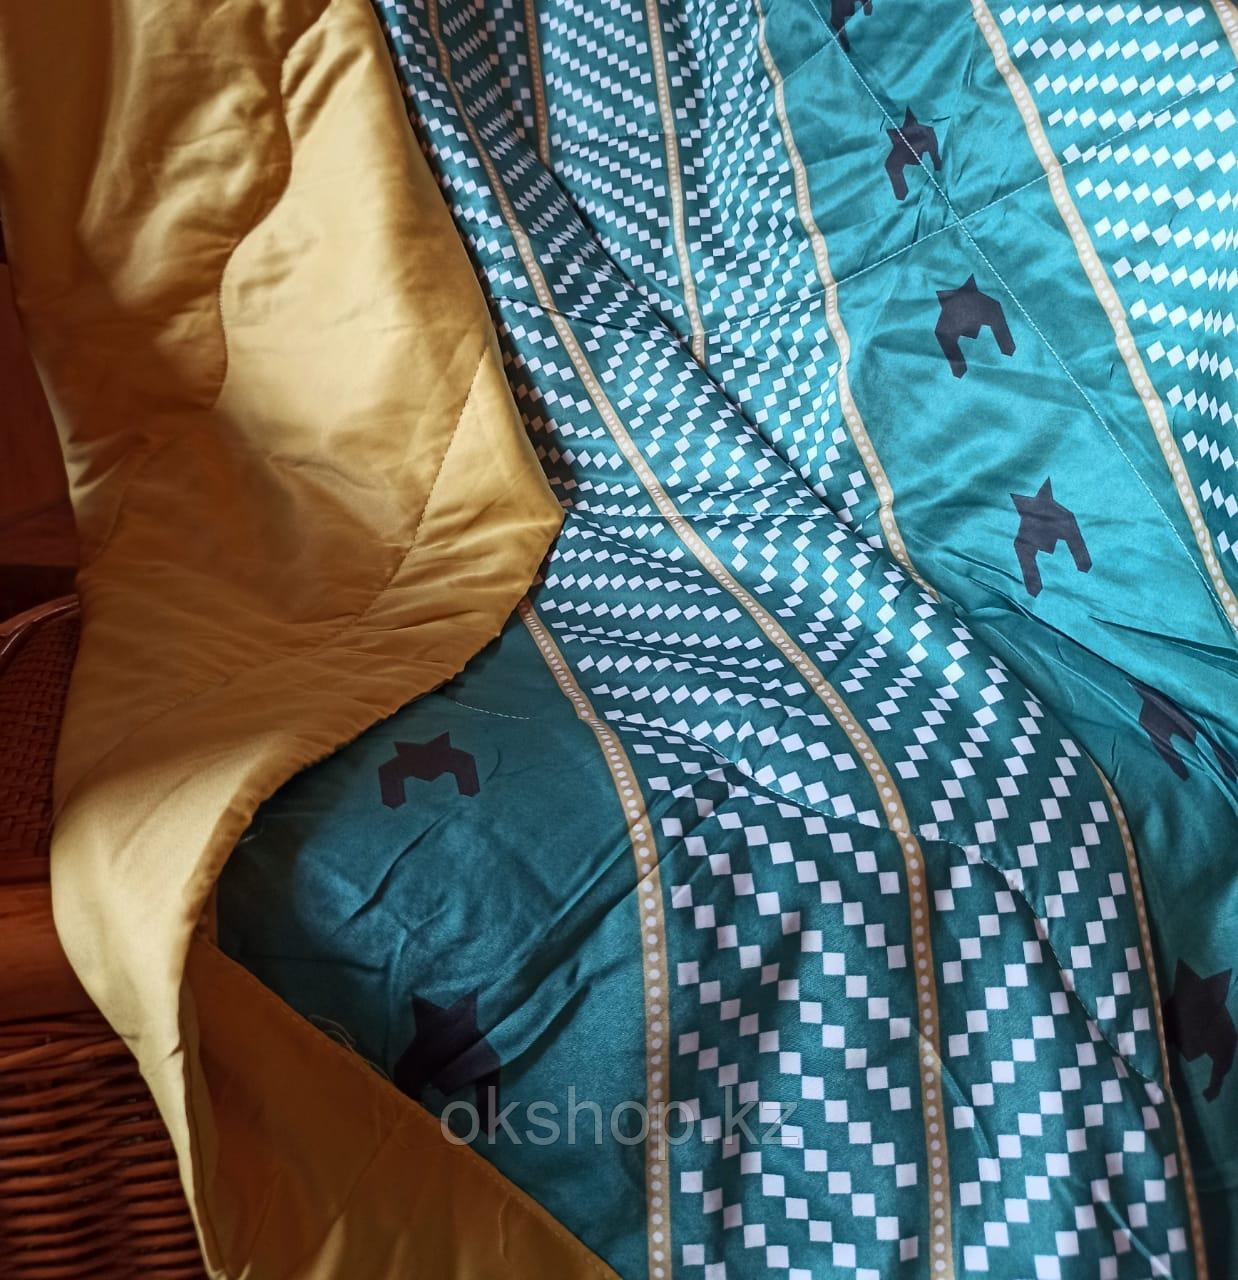 Покрывало/летнее одеяло полуторка